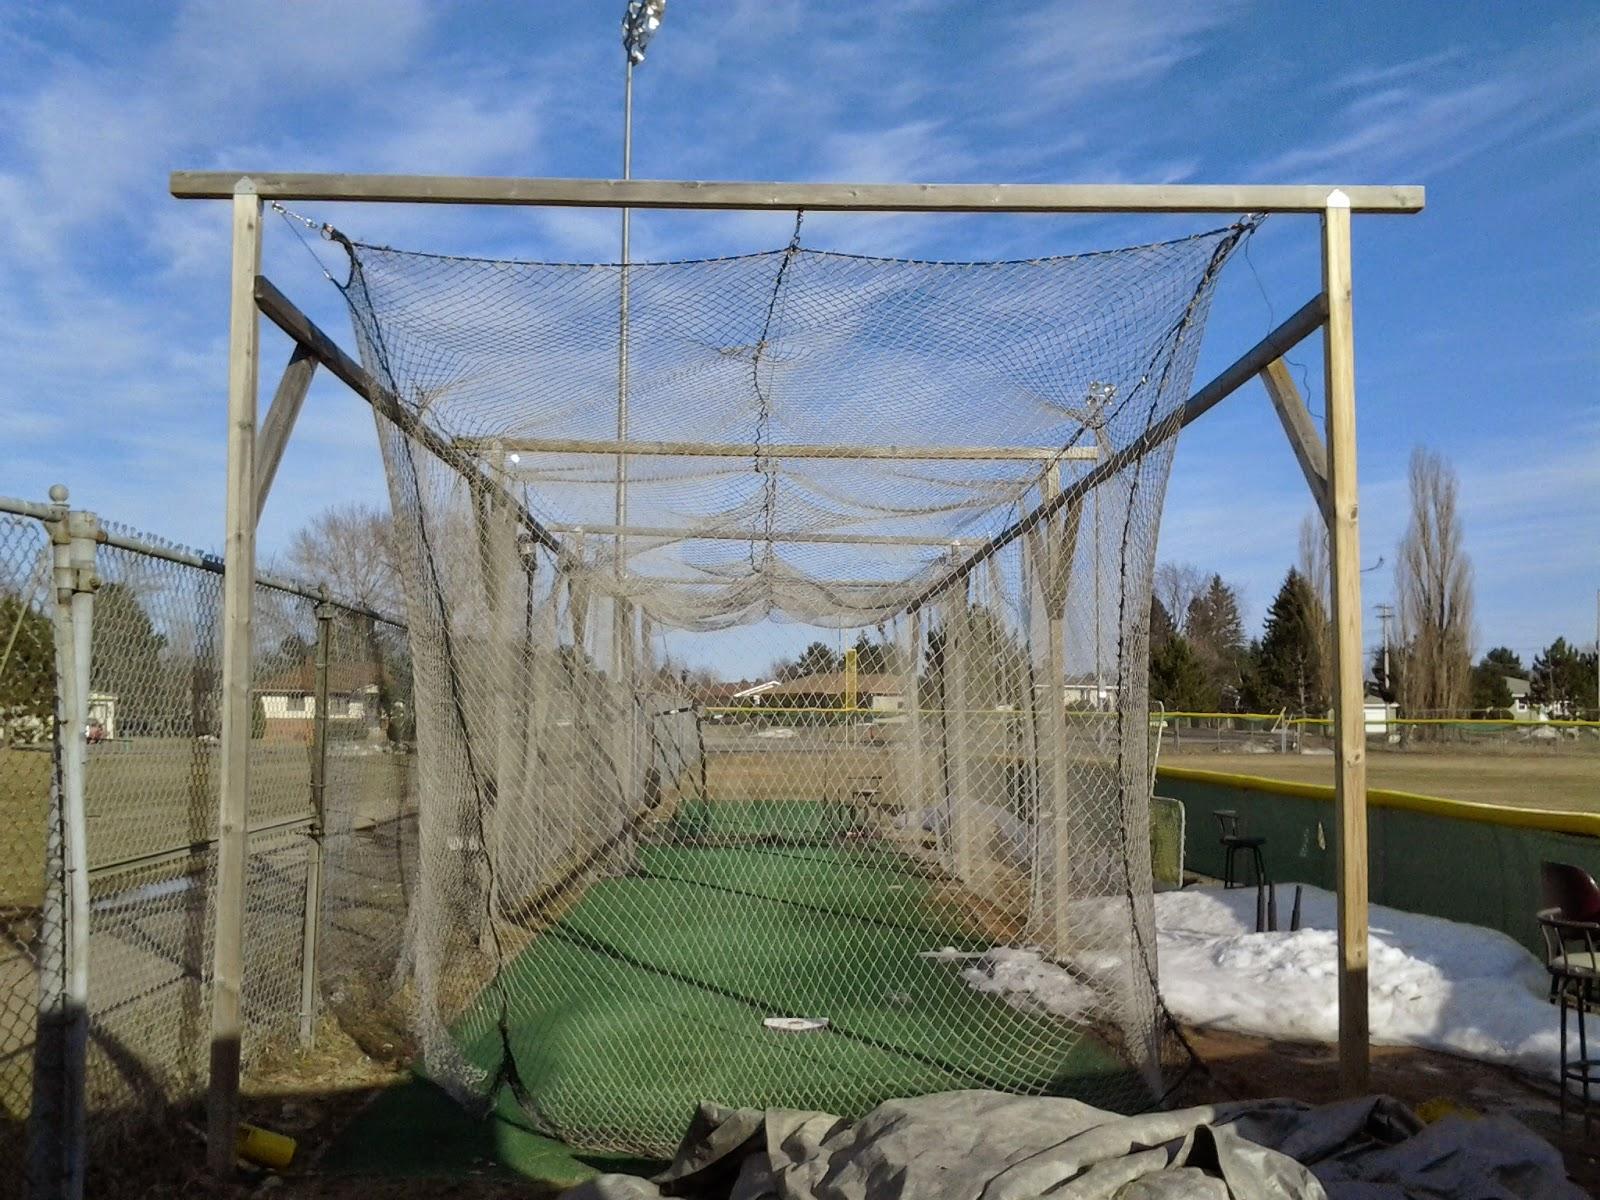 Siding Porch Entry Spring Huisman Concepts